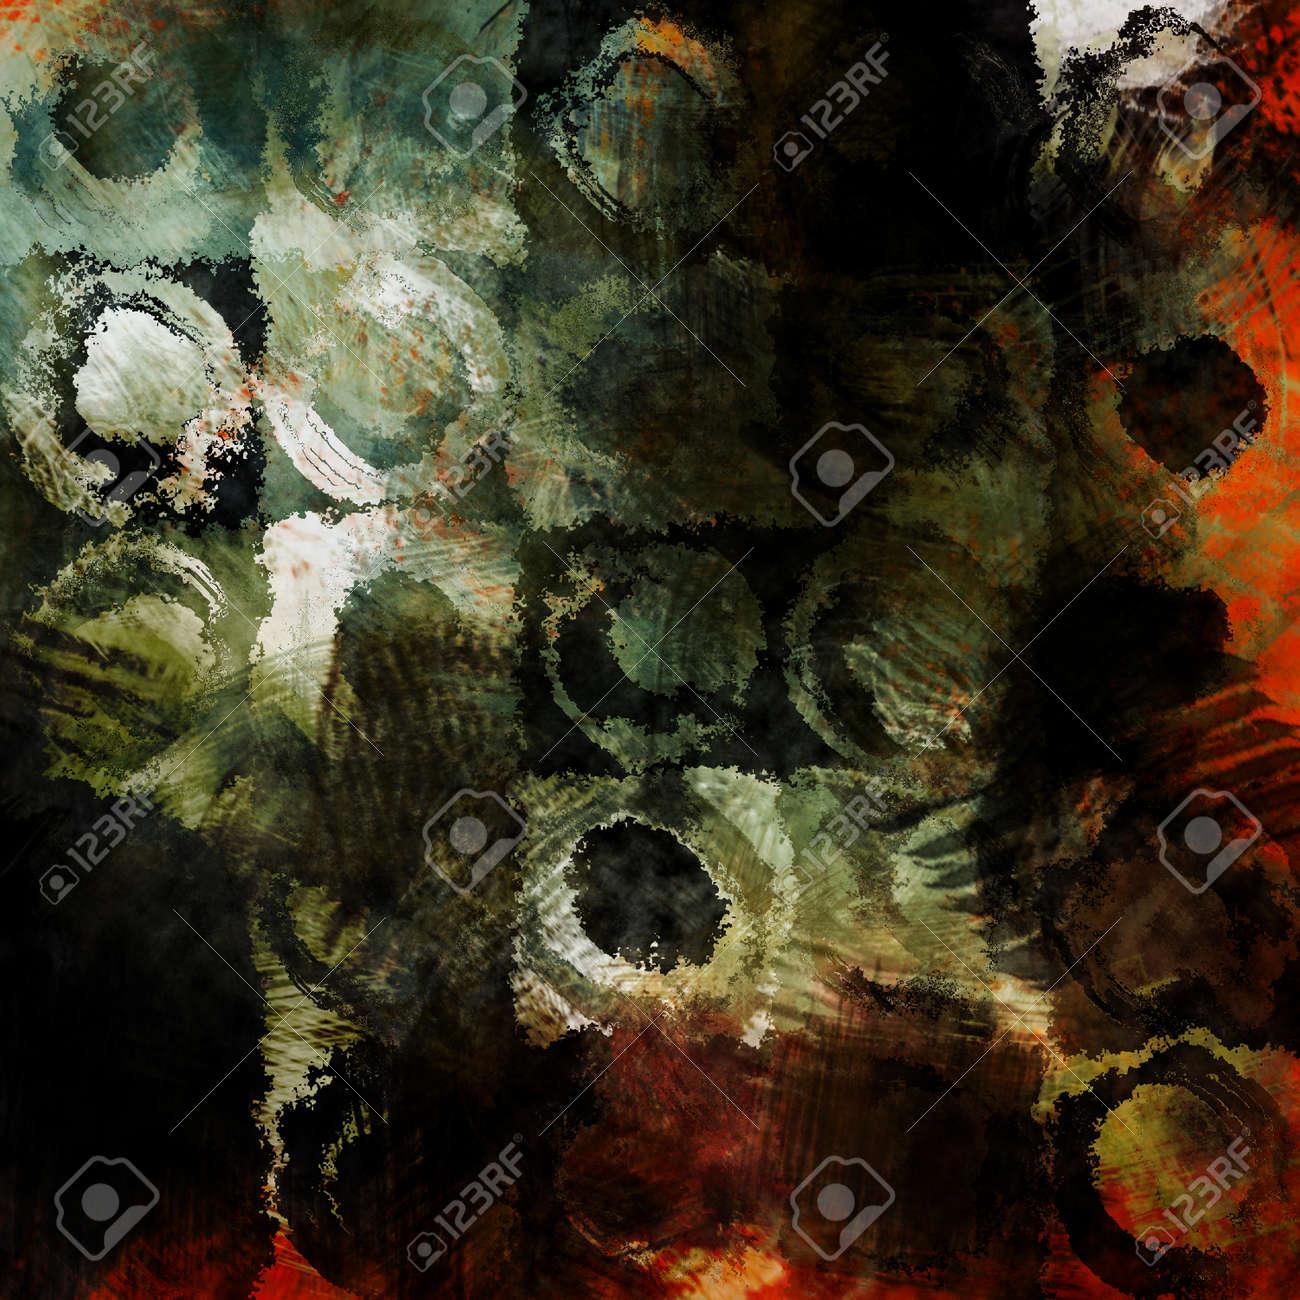 Kunst Abstrakt Acryl Und Bleistift Dunklen Hintergrund In Grun Weiss Schwarz Rot Und Orange Farben Mit Grunge Kreisen Lizenzfreie Fotos Bilder Und Stock Fotografie Image 31717085